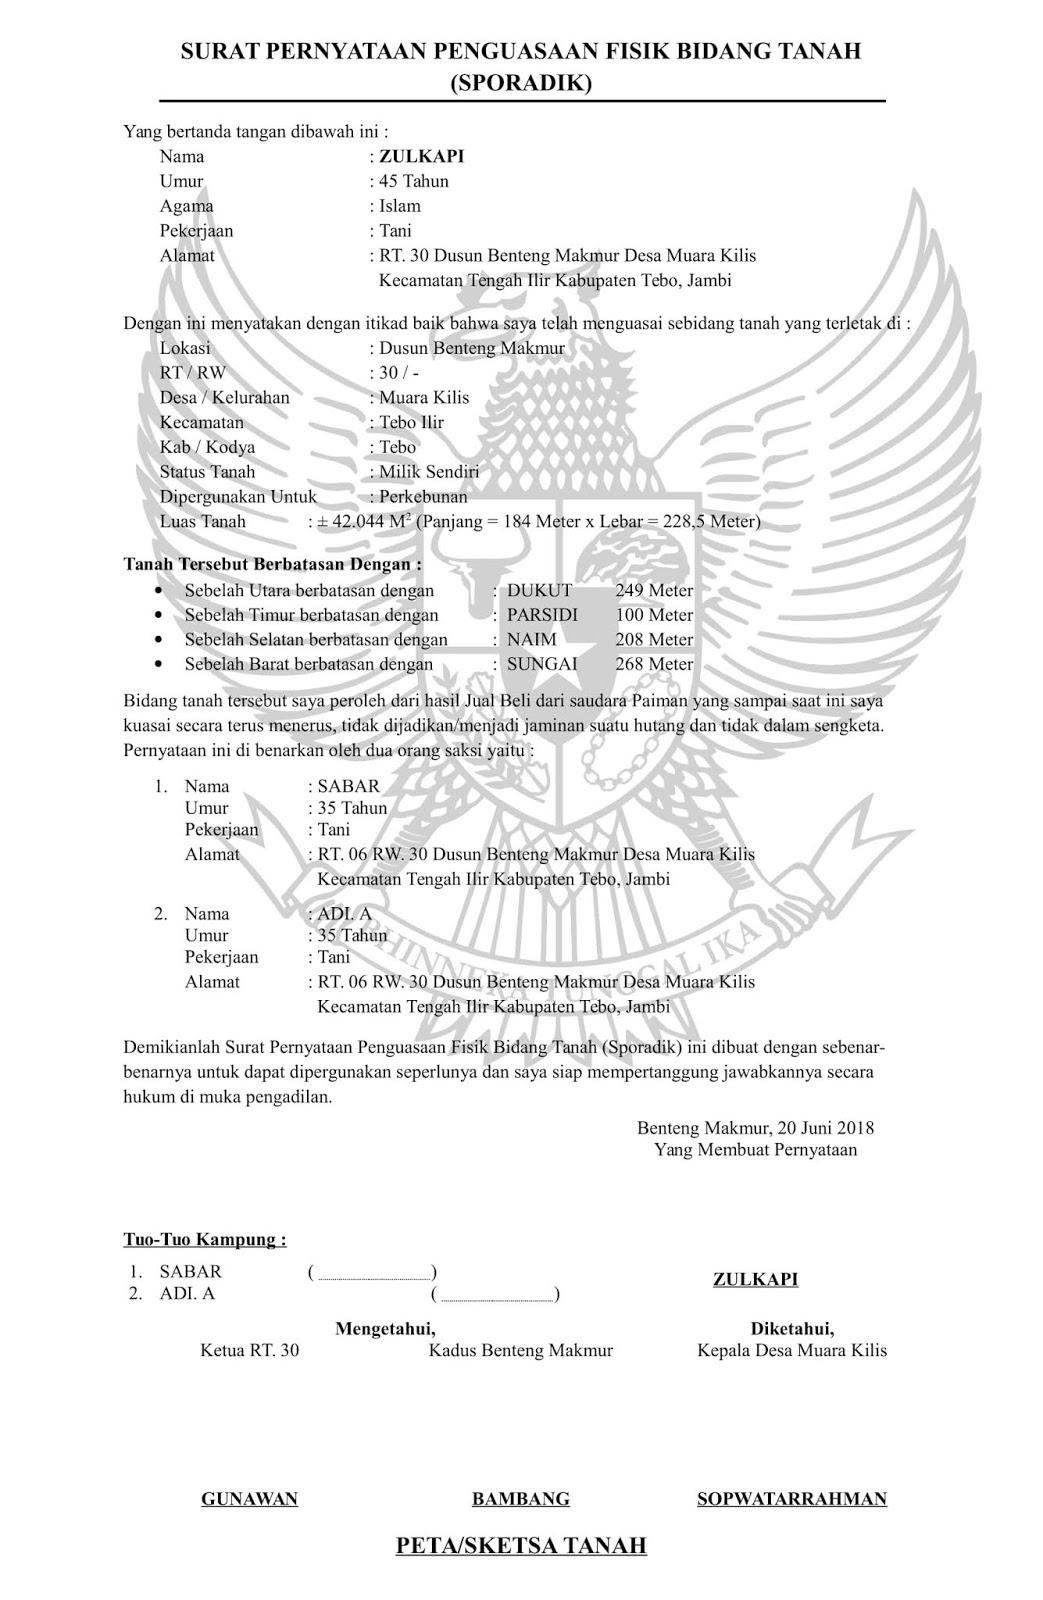 Contoh Surat Pernyataan Penguasaan Fisik Bidang Tanah Sporadik Doc Word